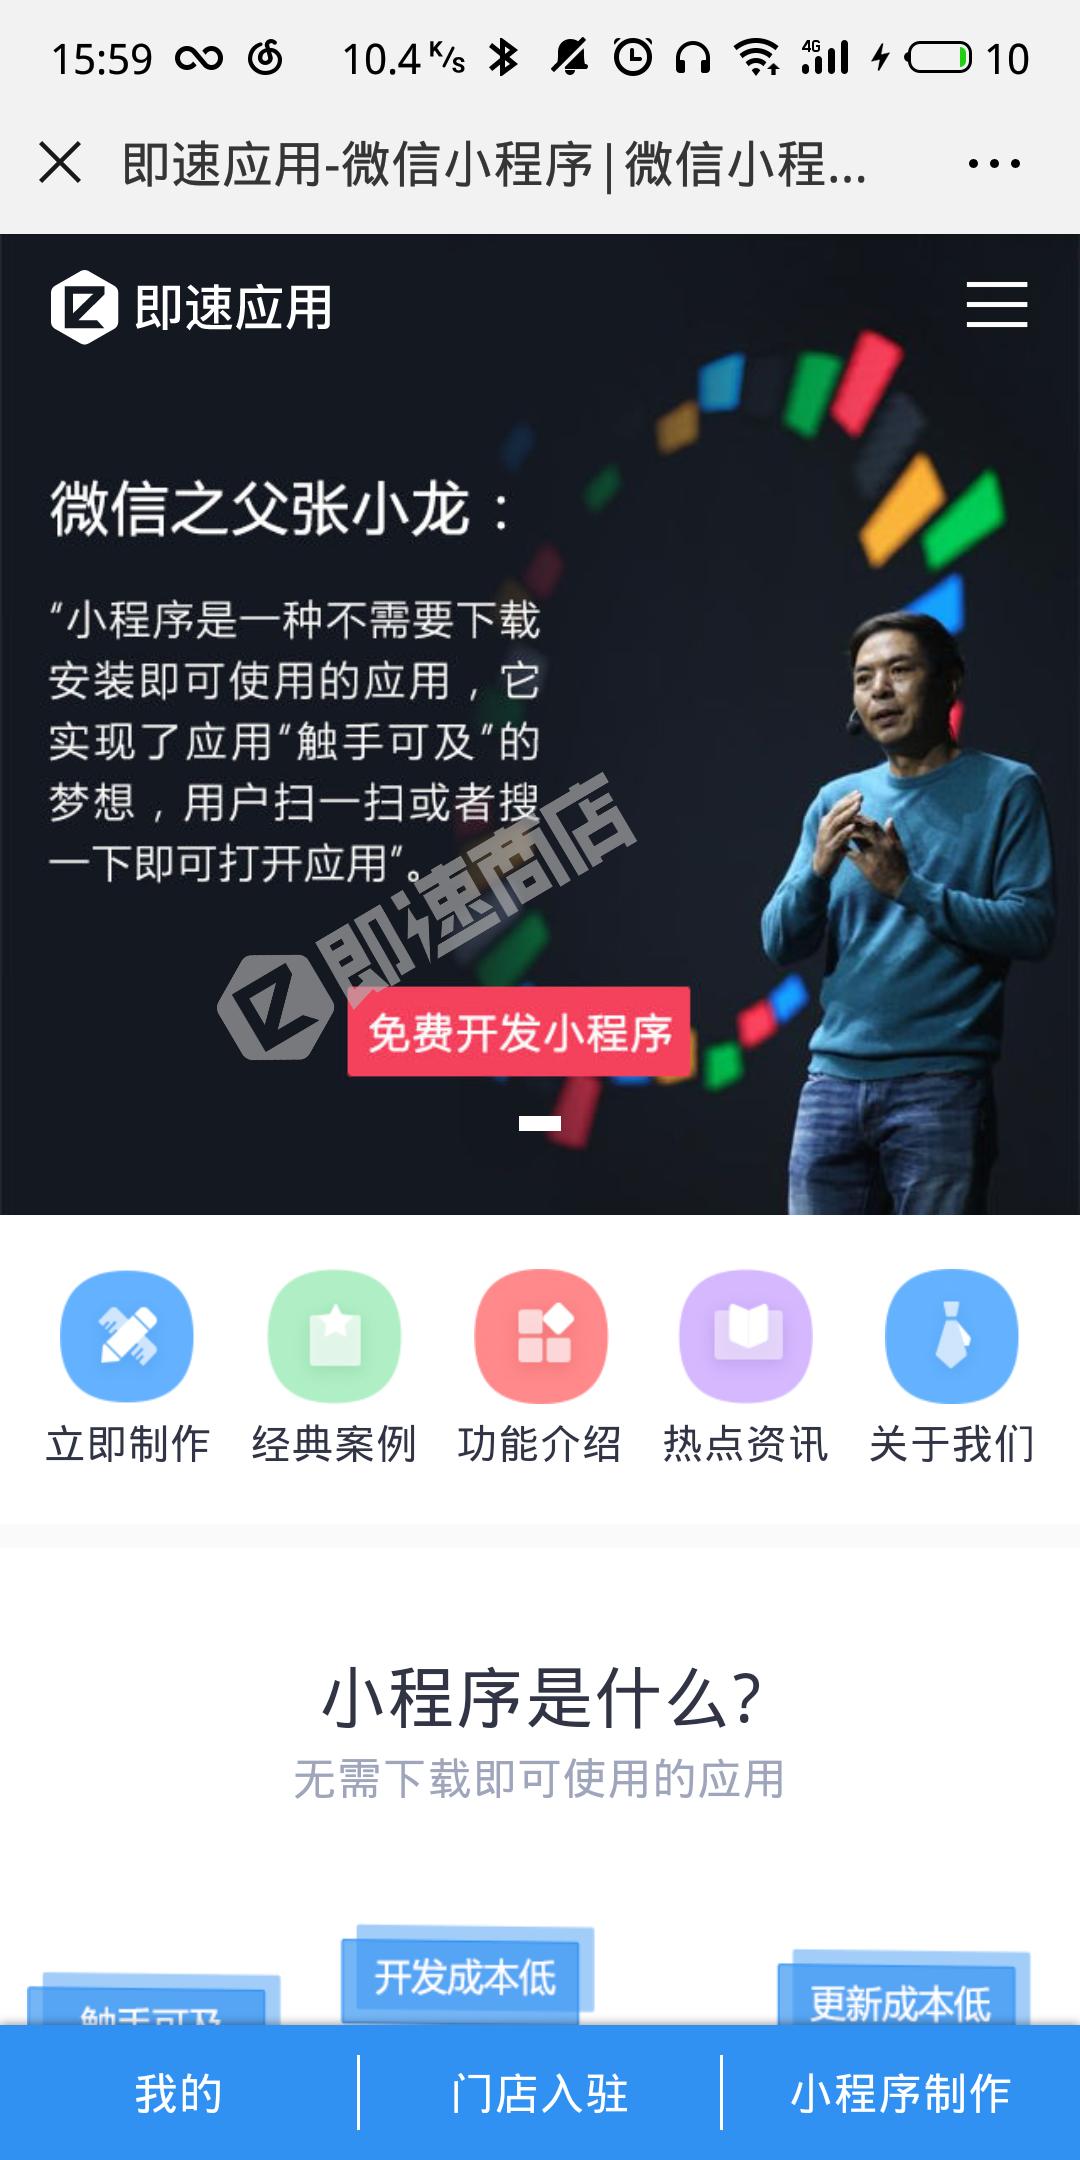 广州幼儿中心小程序首页截图